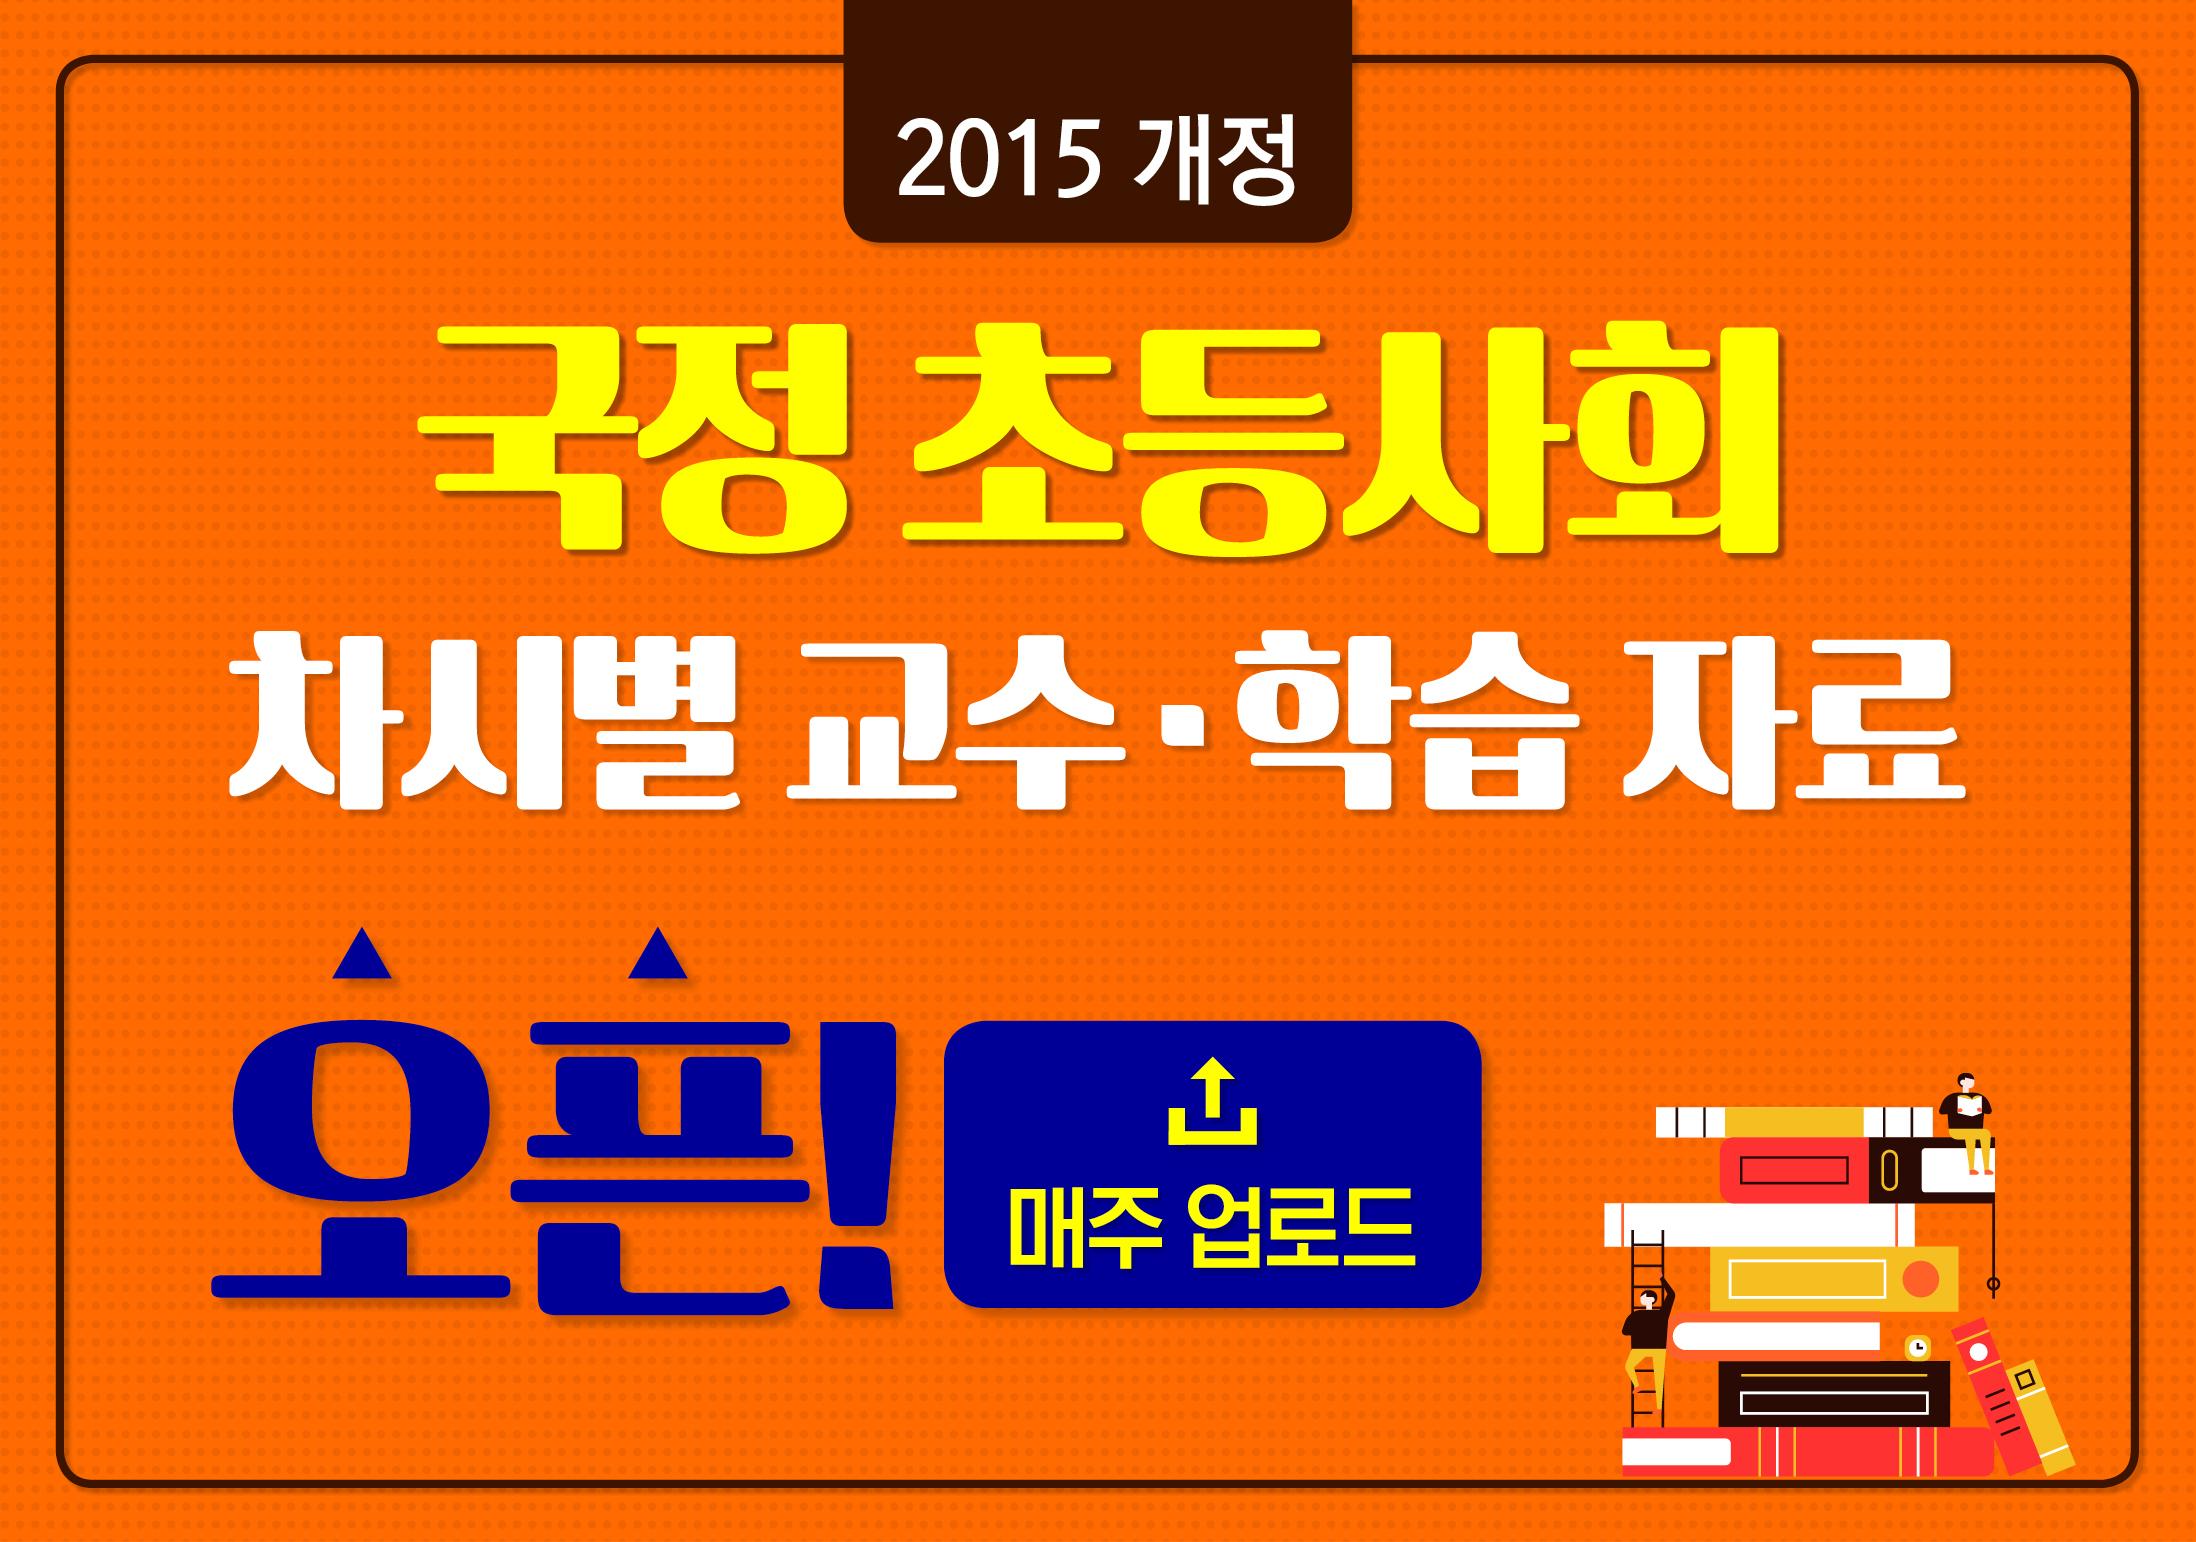 국정 초등사회 차시별 교수학습자료 오픈